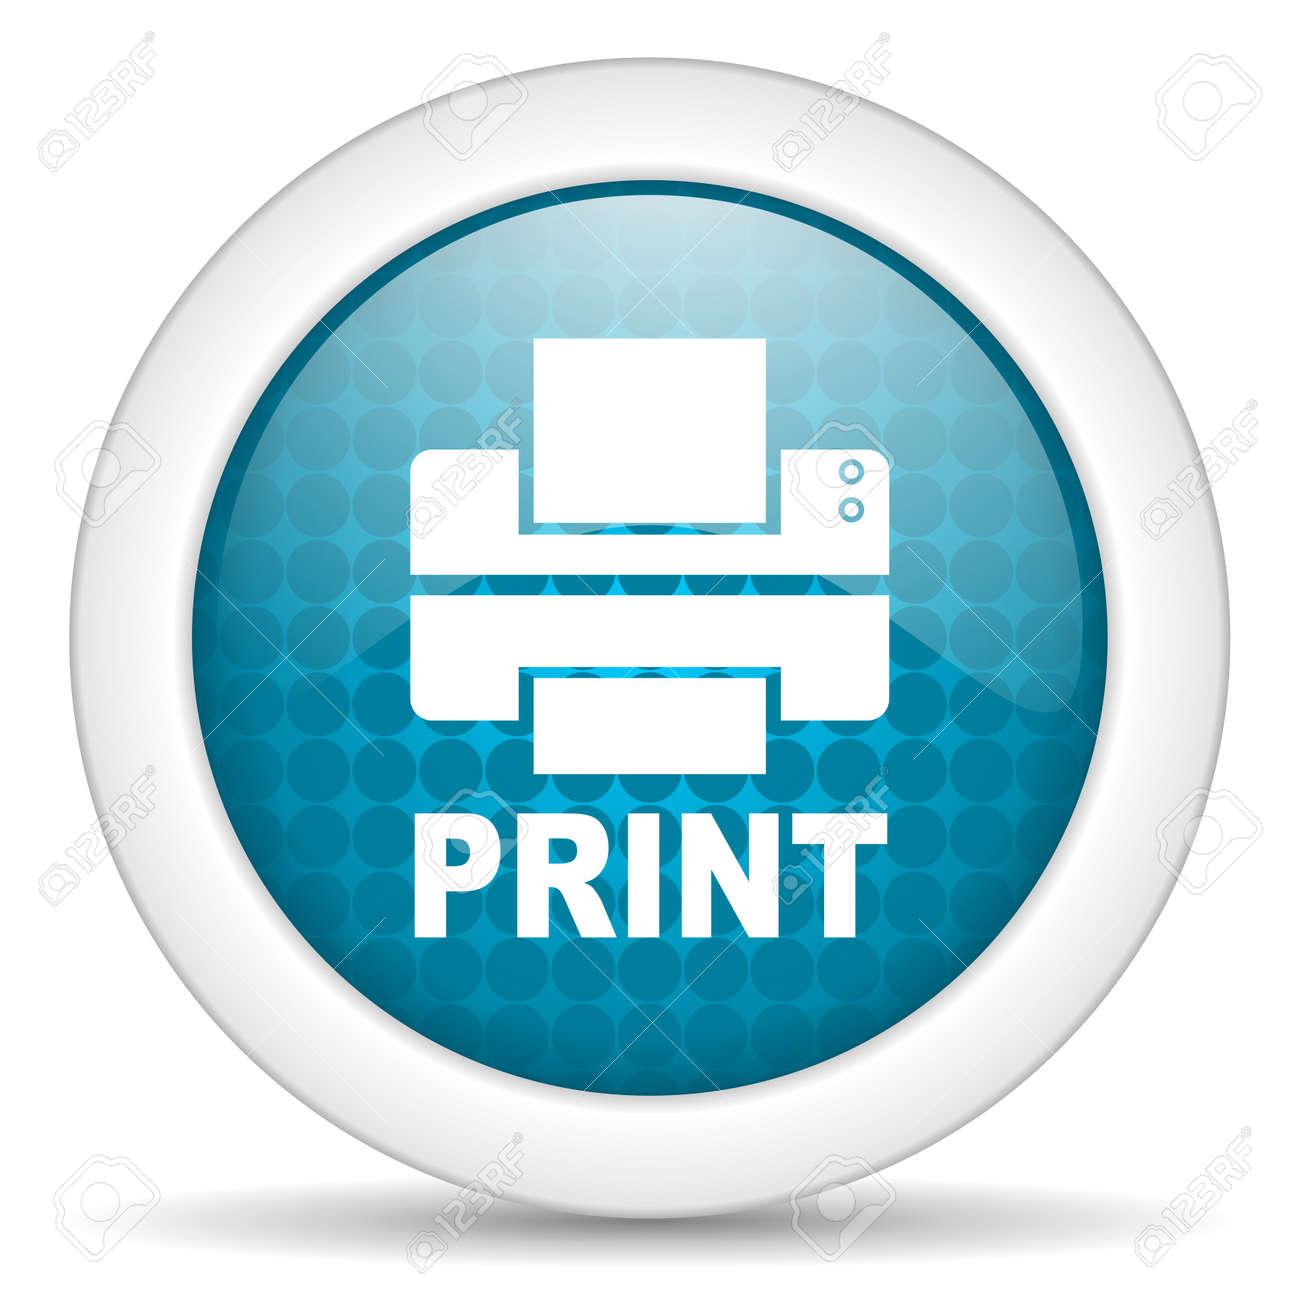 print icon Stock Photo - 15463234